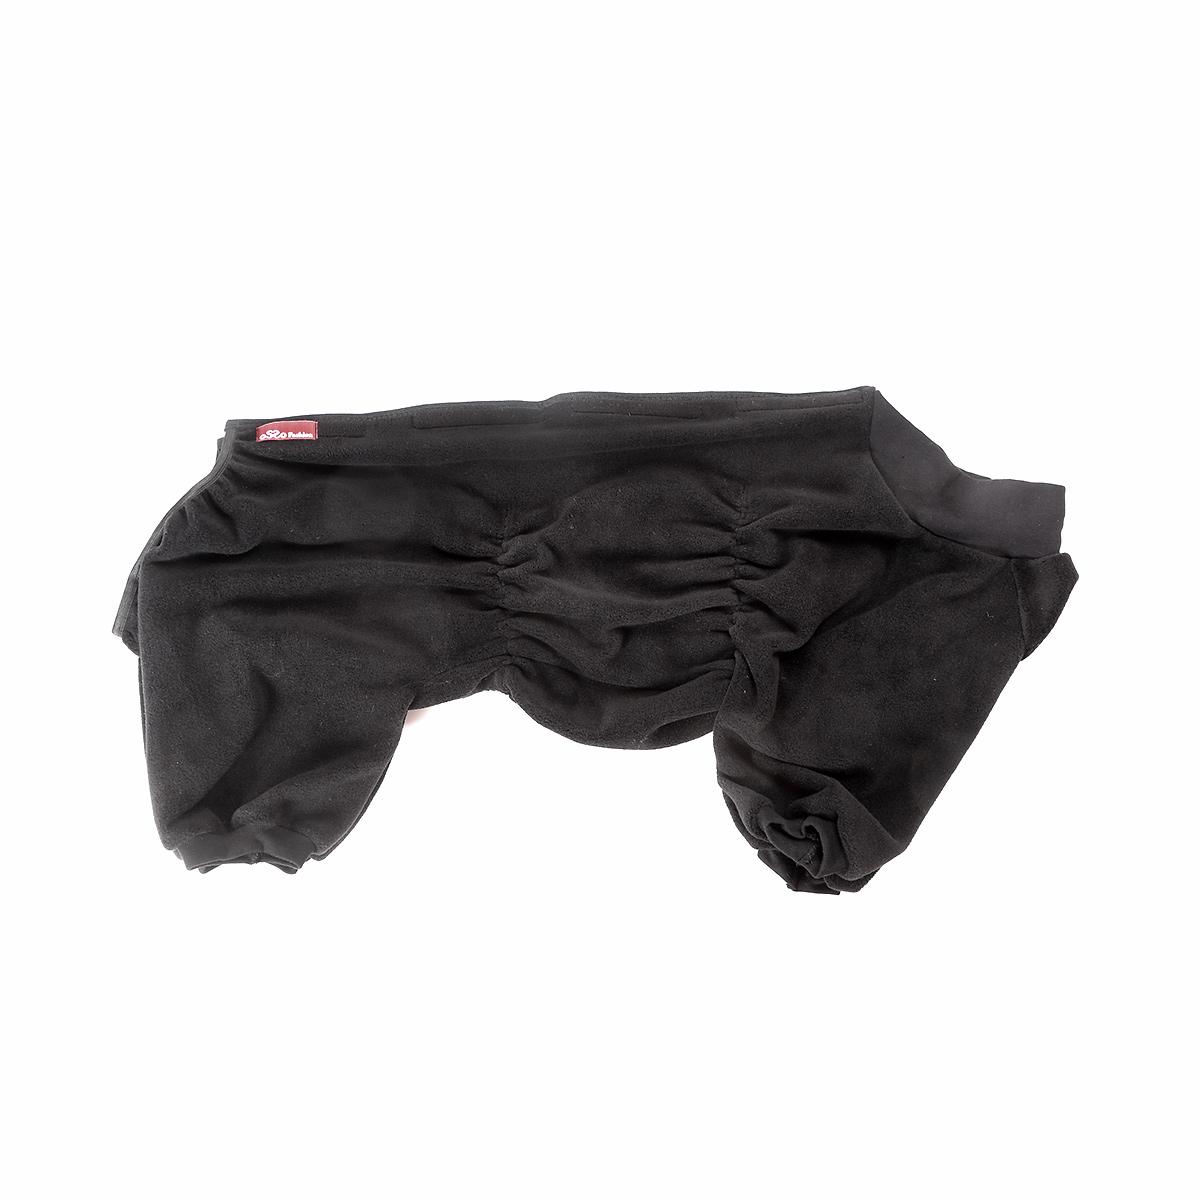 Комбинезон для собак OSSO Fashion, для мальчика, цвет: графит. Размер 50Кф-1018Комбинезон для собак OSSO Fashion выполнен из флиса. Комфортная посадка по корпусу достигается за счет резинок-утяжек под грудью и животом. На воротнике имеются завязки, для дополнительной фиксации. Можно носить самостоятельно и как поддевку под комбинезон для собак. Изделие отлично стирается, быстро сохнет.Длина спинки: 50 см. Объем груди: 58-82 см.Одежда для собак: нужна ли она и как её выбрать. Статья OZON Гид